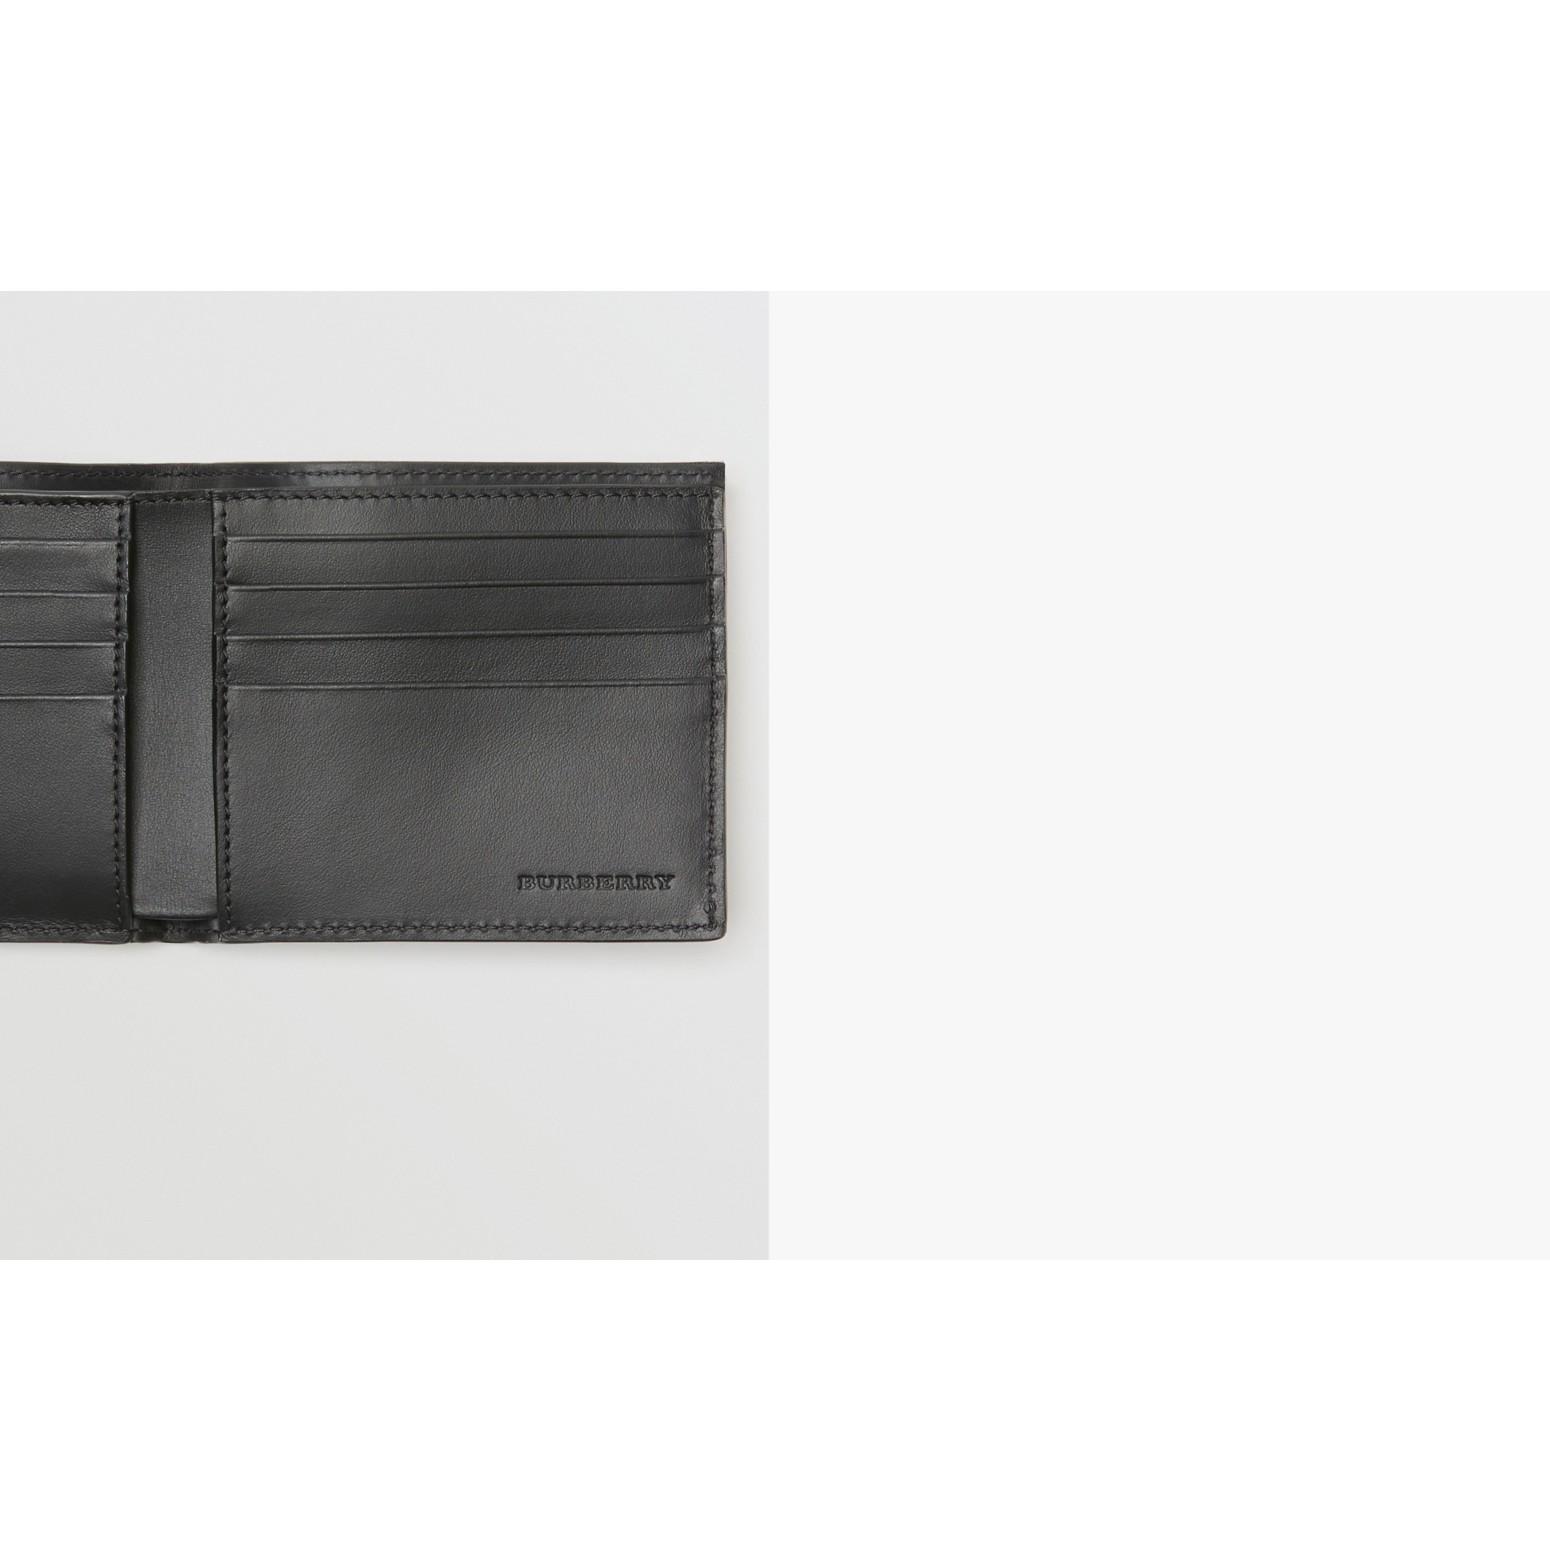 Carteira dobrável de couro com detalhe em xadrez perfurado – Internacional (Preto) - Homens | Burberry - galeria de imagens 1